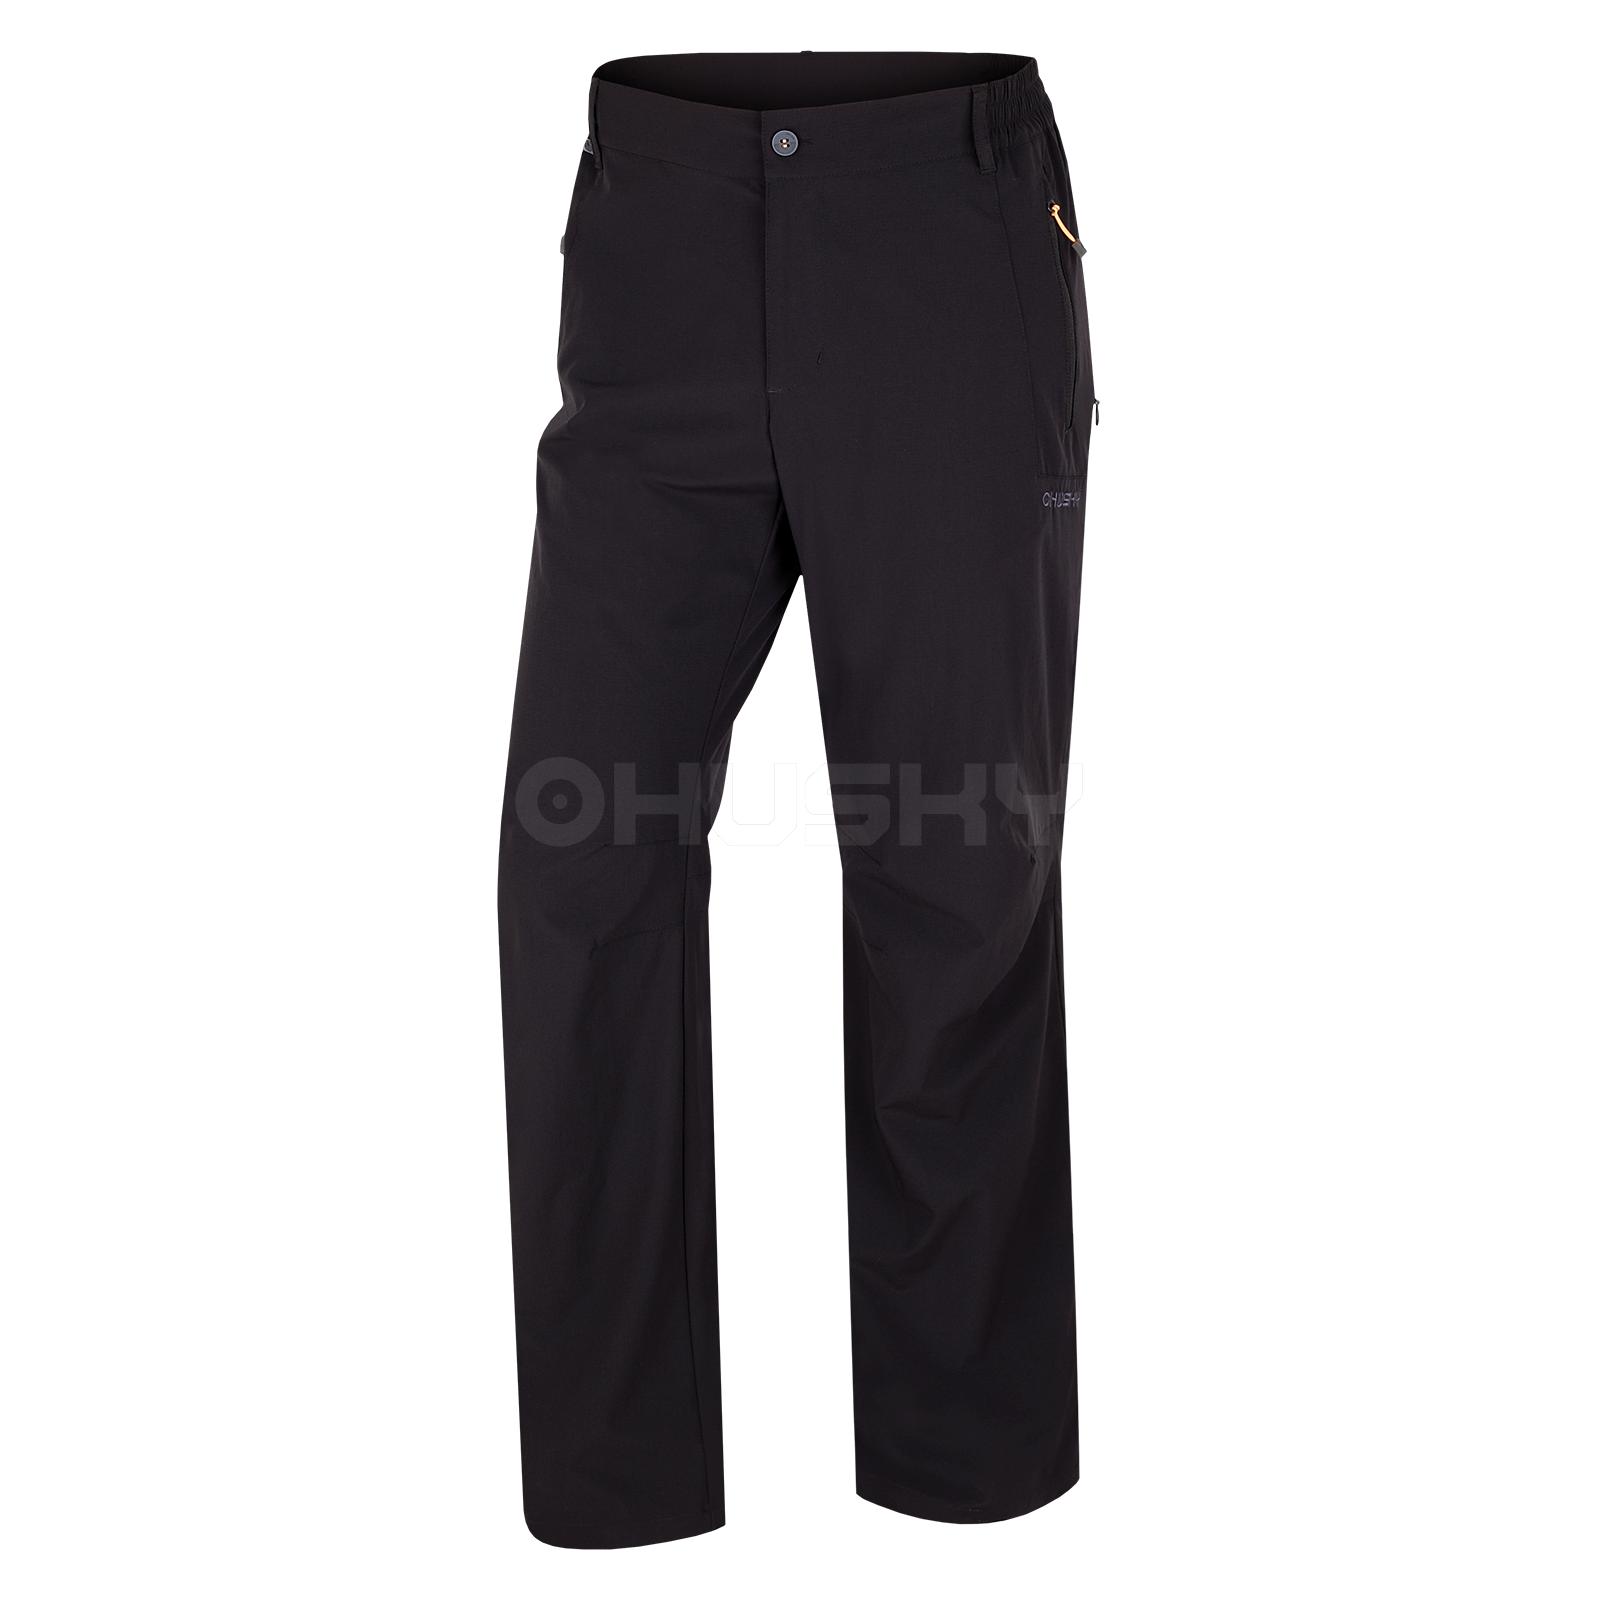 Husky Pánské outdoor kalhoty Pilon Compact M černá Velikost: M